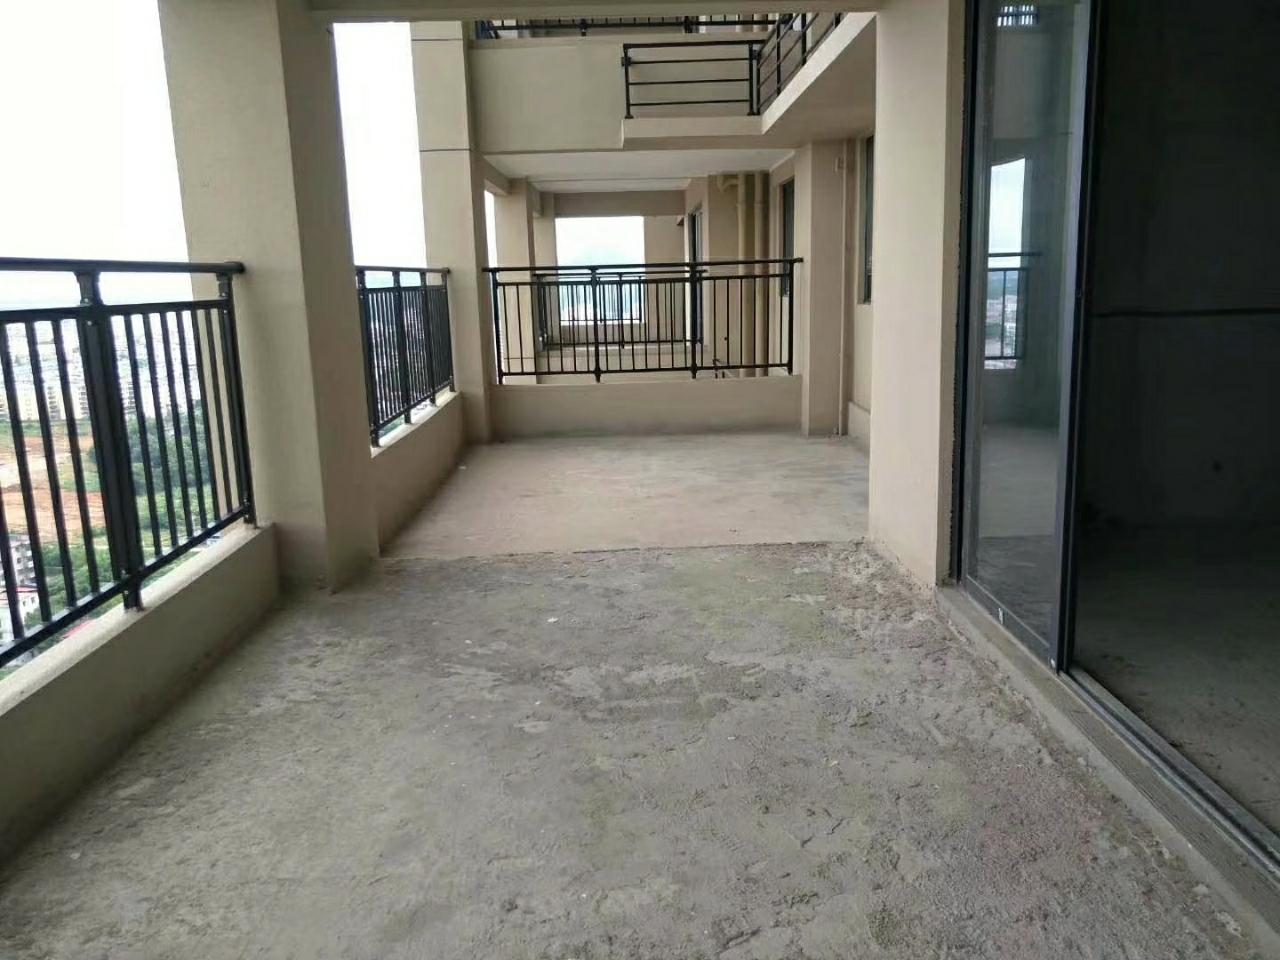 碧桂園,276平米,大氣五房,全新毛坯,低價急售